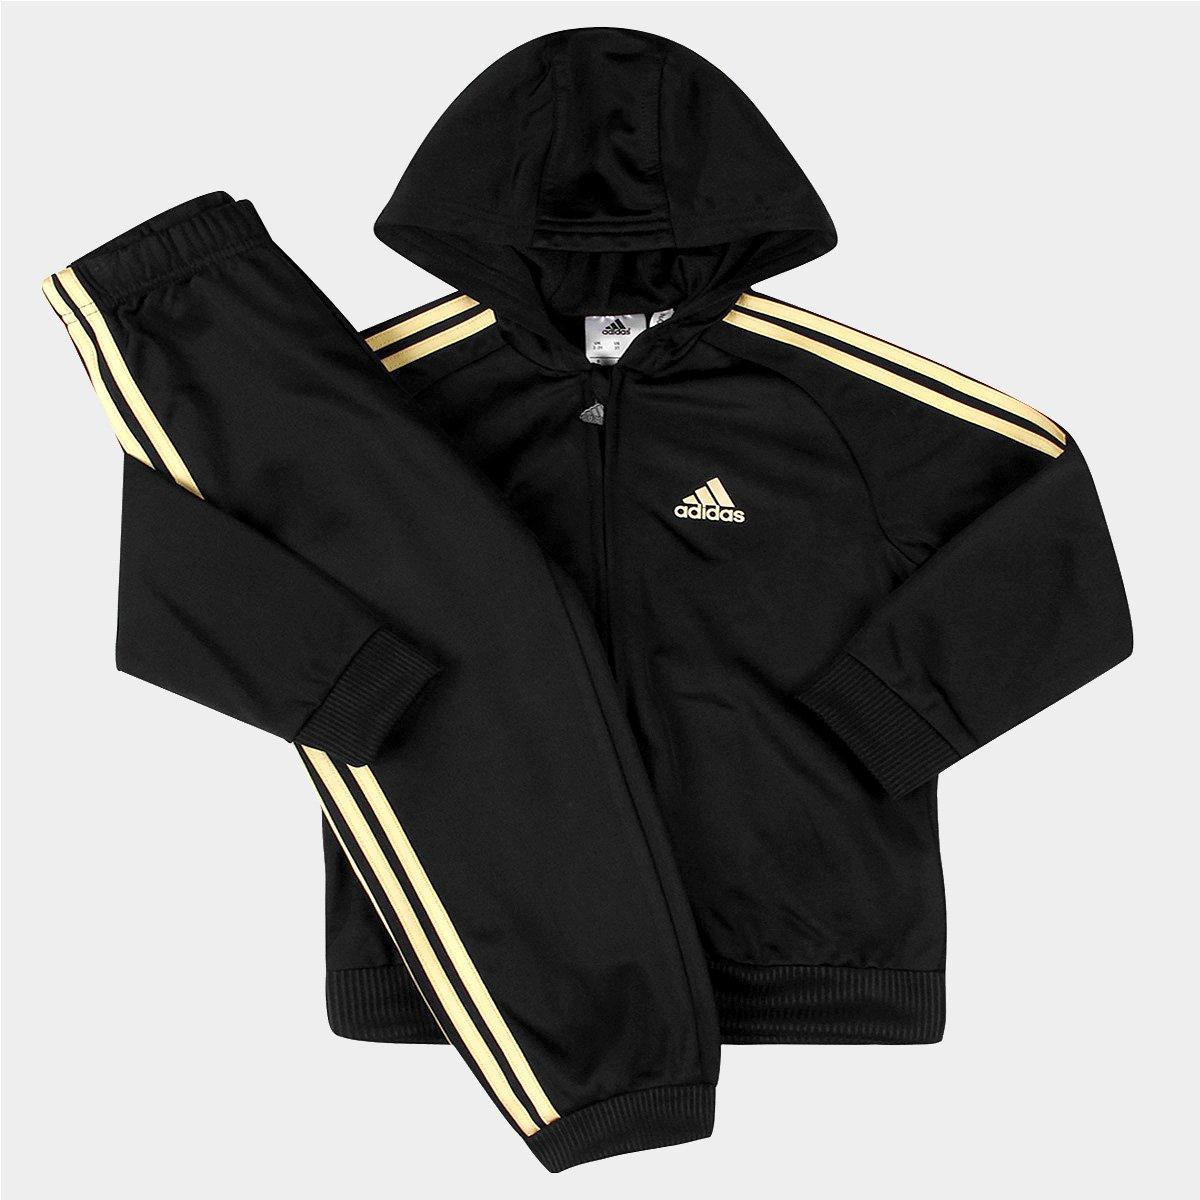 533abae54c Agasalho Adidas I St Shiny Fzhd c/ Capuz Infantil | Netshoes